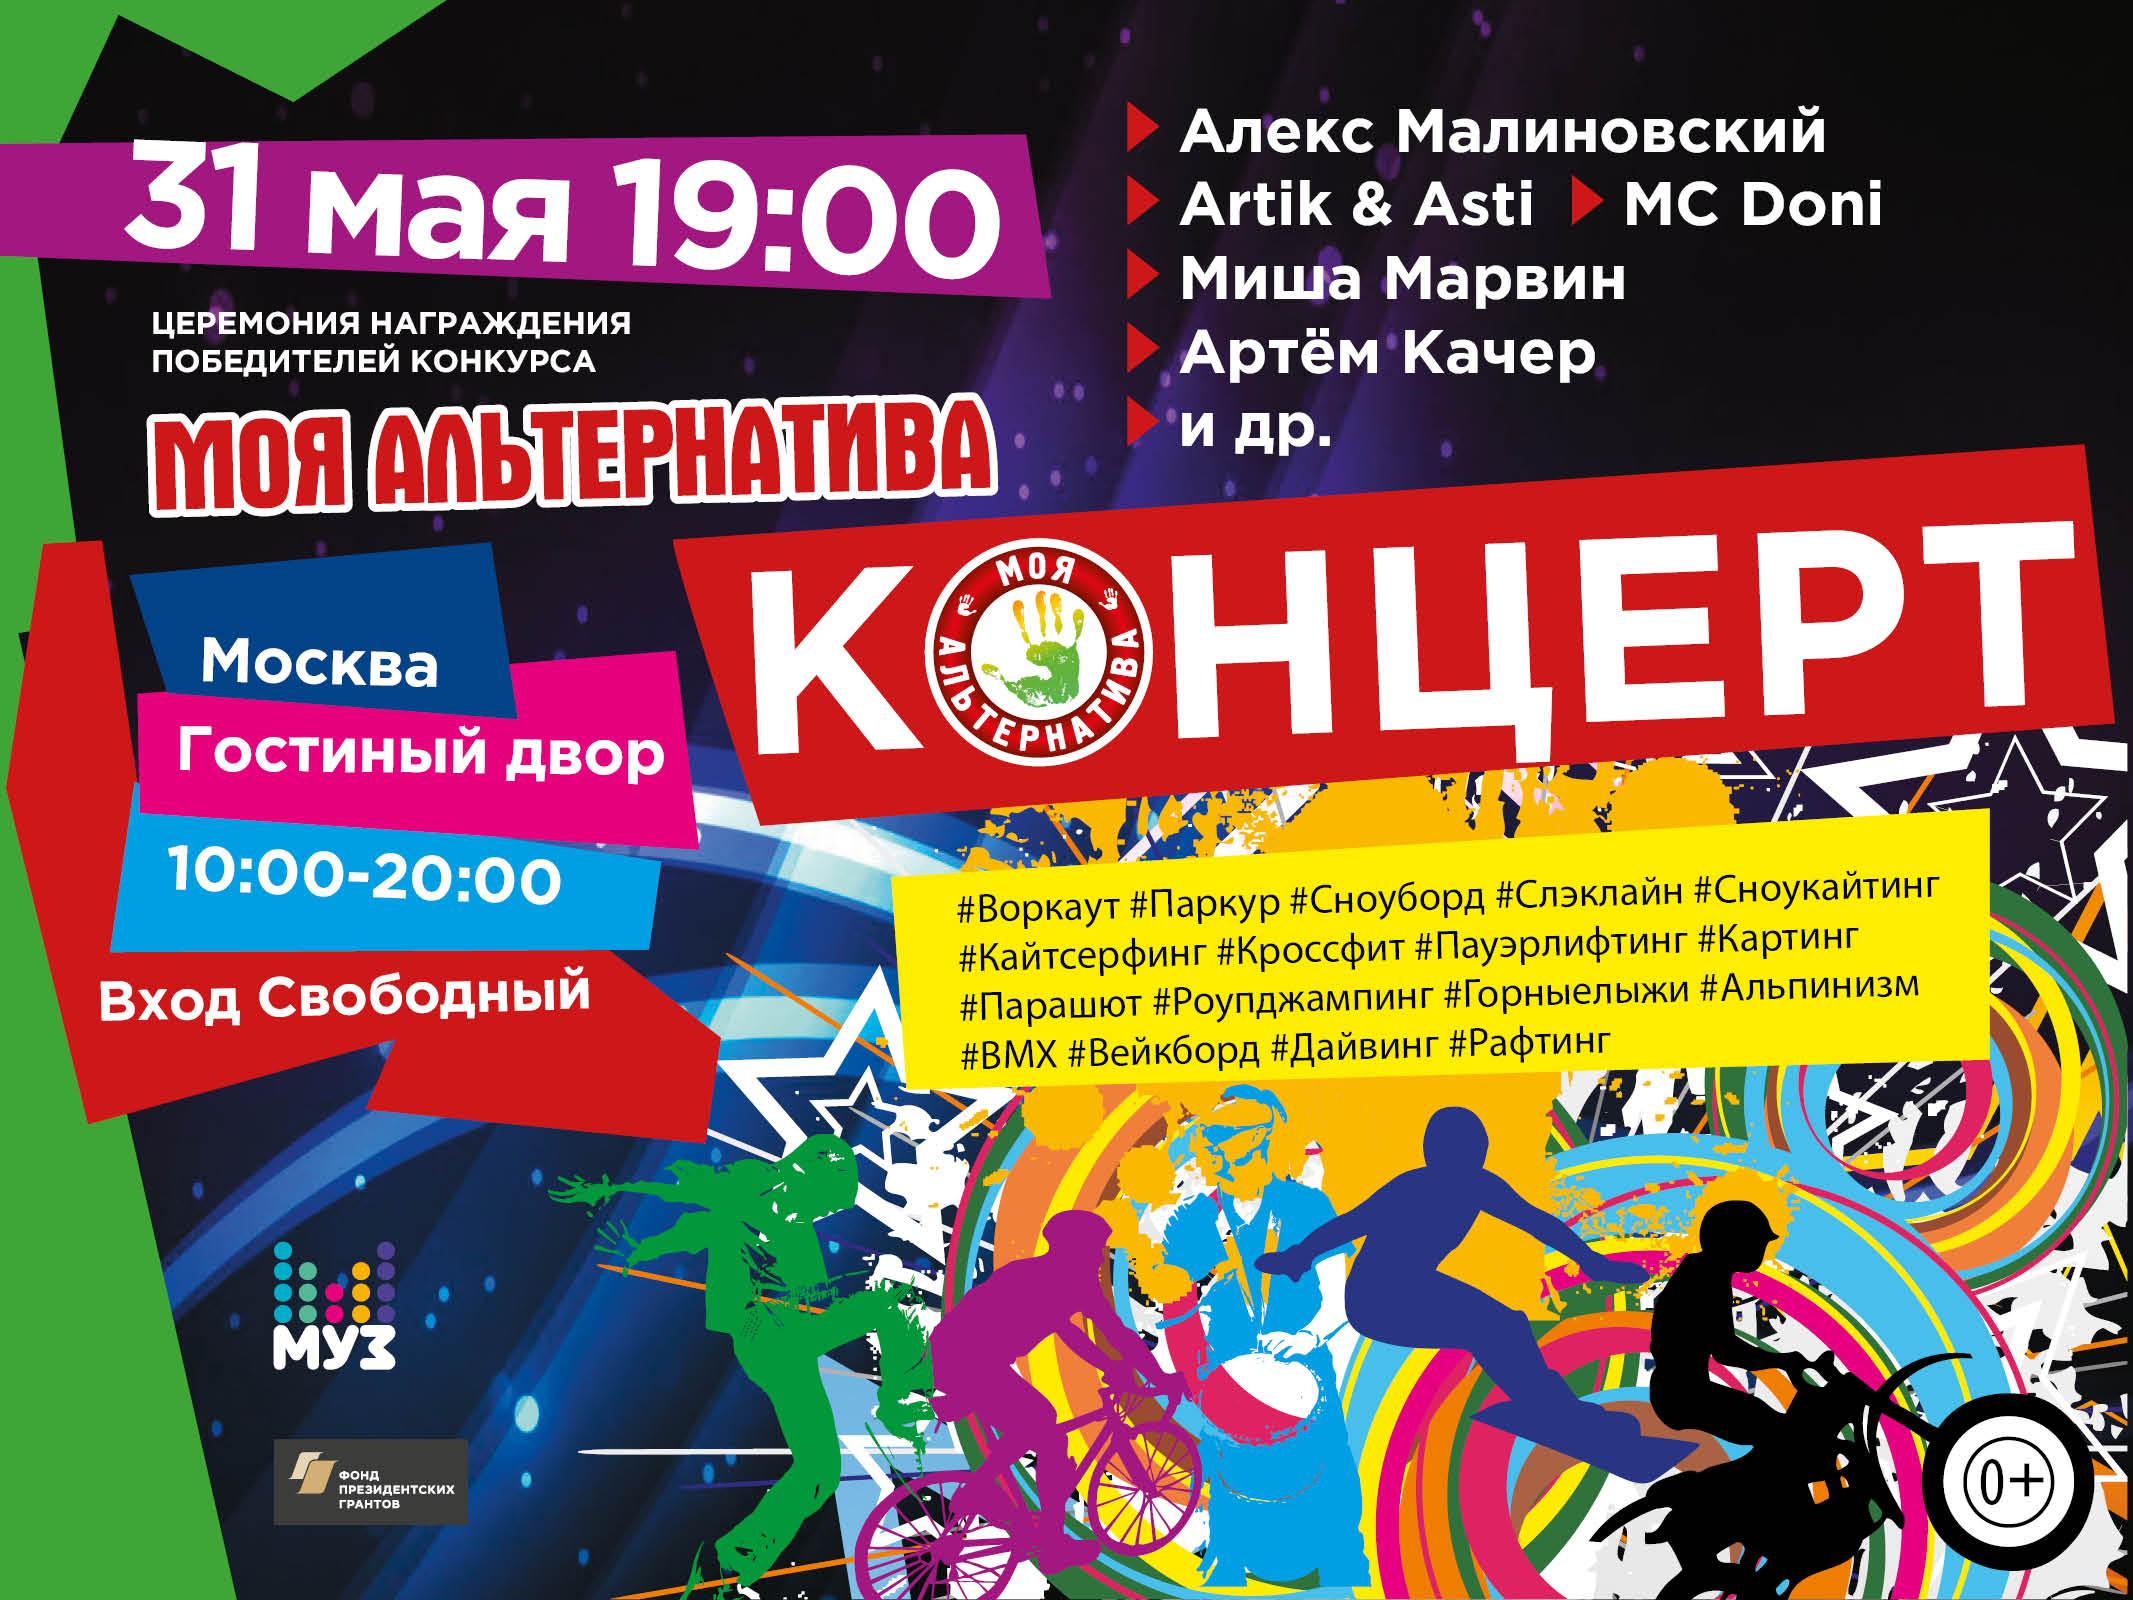 31 мая с.г. 23 финалиста Интернет-конкурса представят в Москве свои ролики  и расскажут о своих увлечениях  b37f3f5a22b